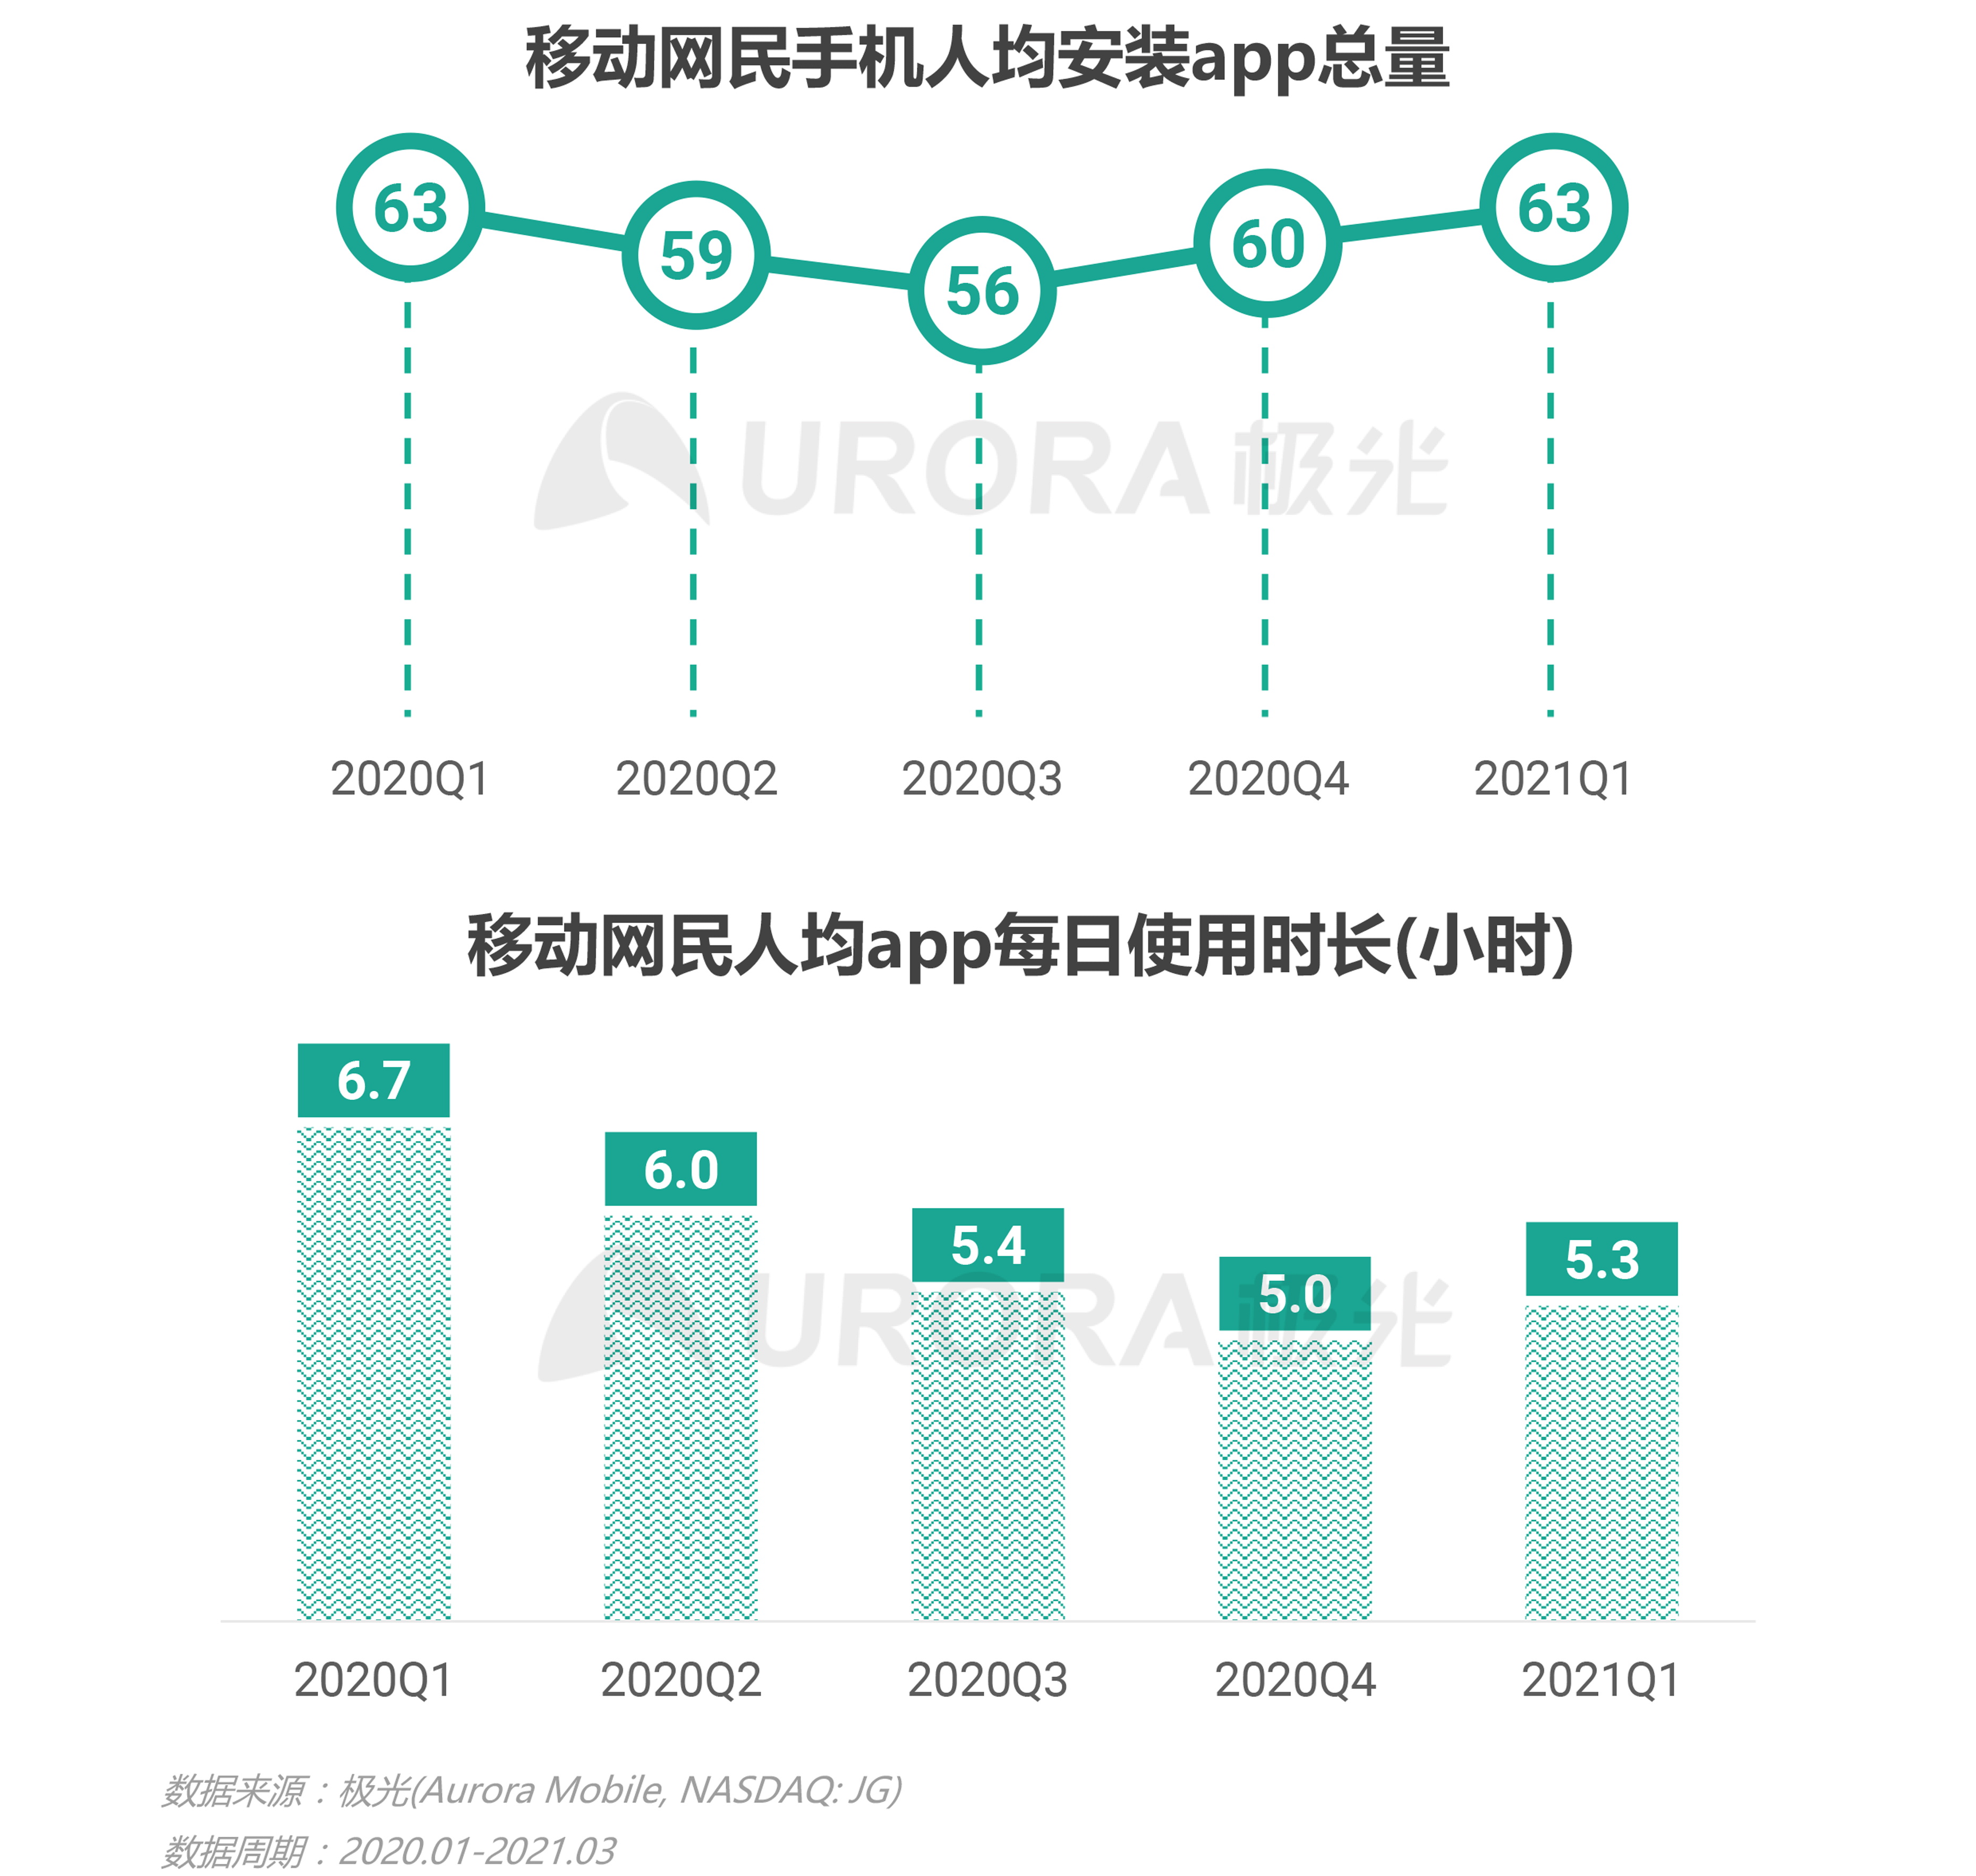 极光:2021年Q1移动互联网报告 (1).png